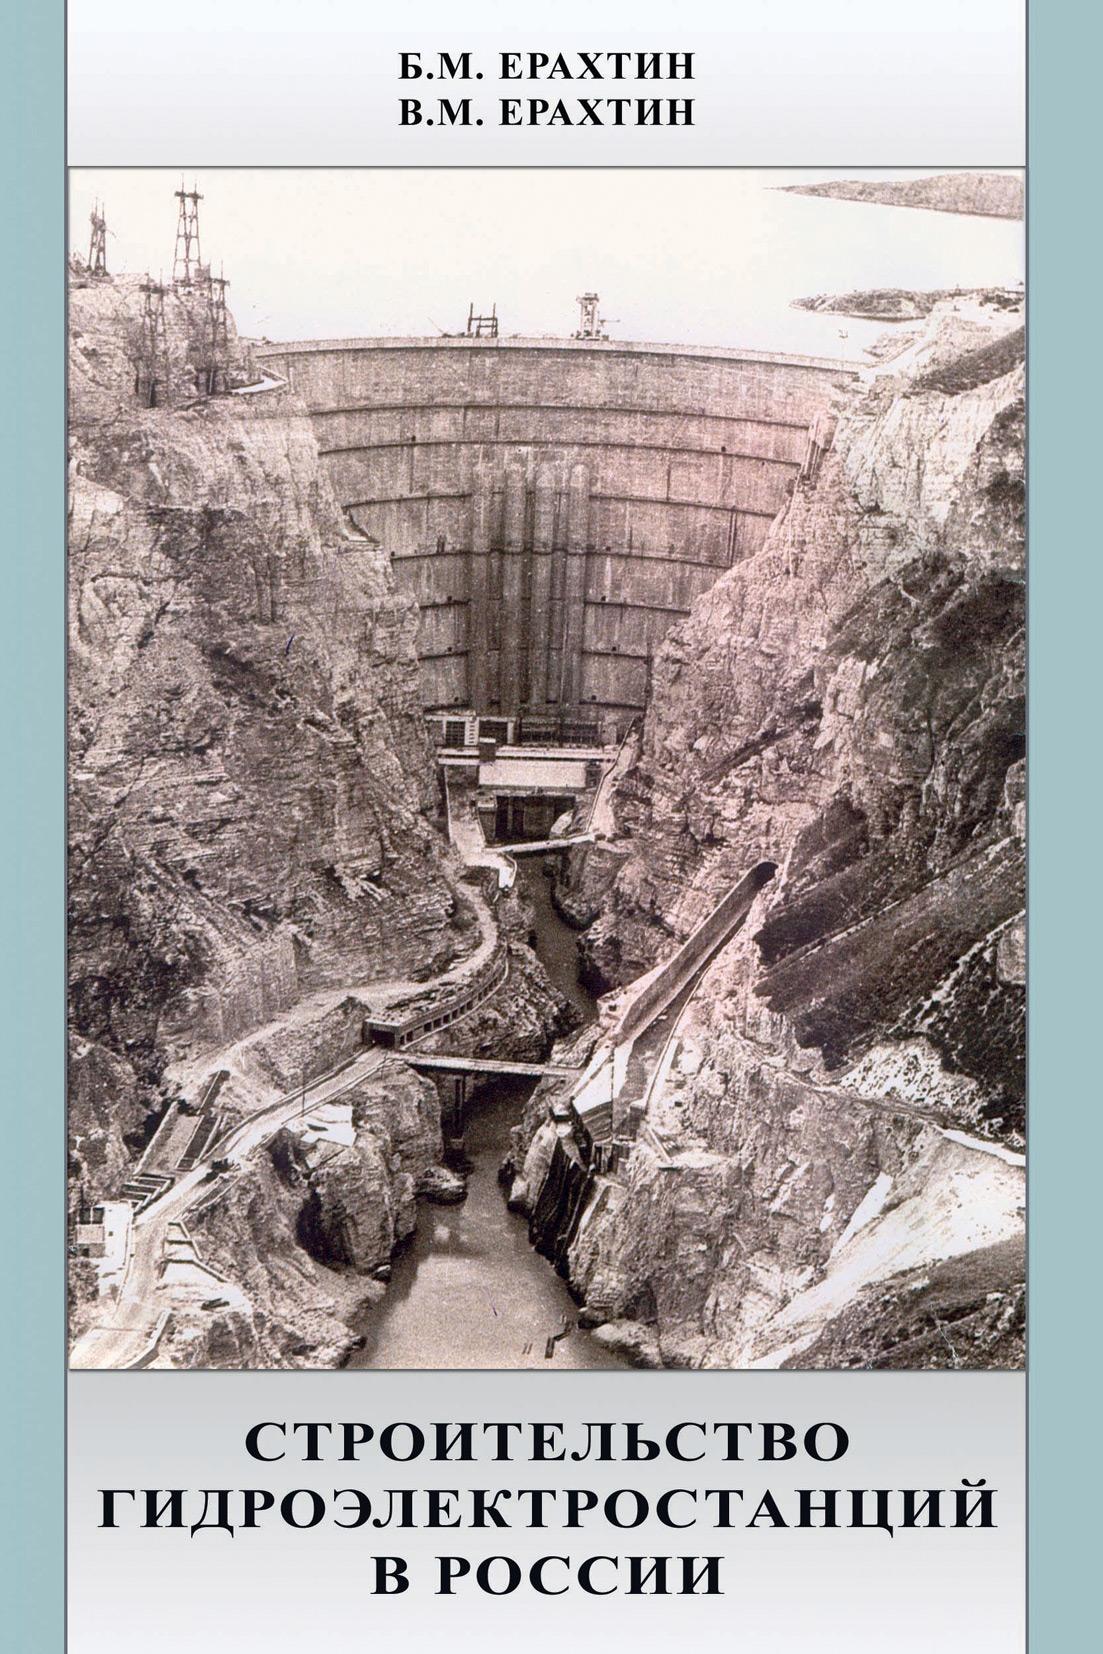 Б. М. Ерахтин Строительство гидроэлектростанций в России. Учебно-справочное пособие для вузов и инженеров гидростроителей